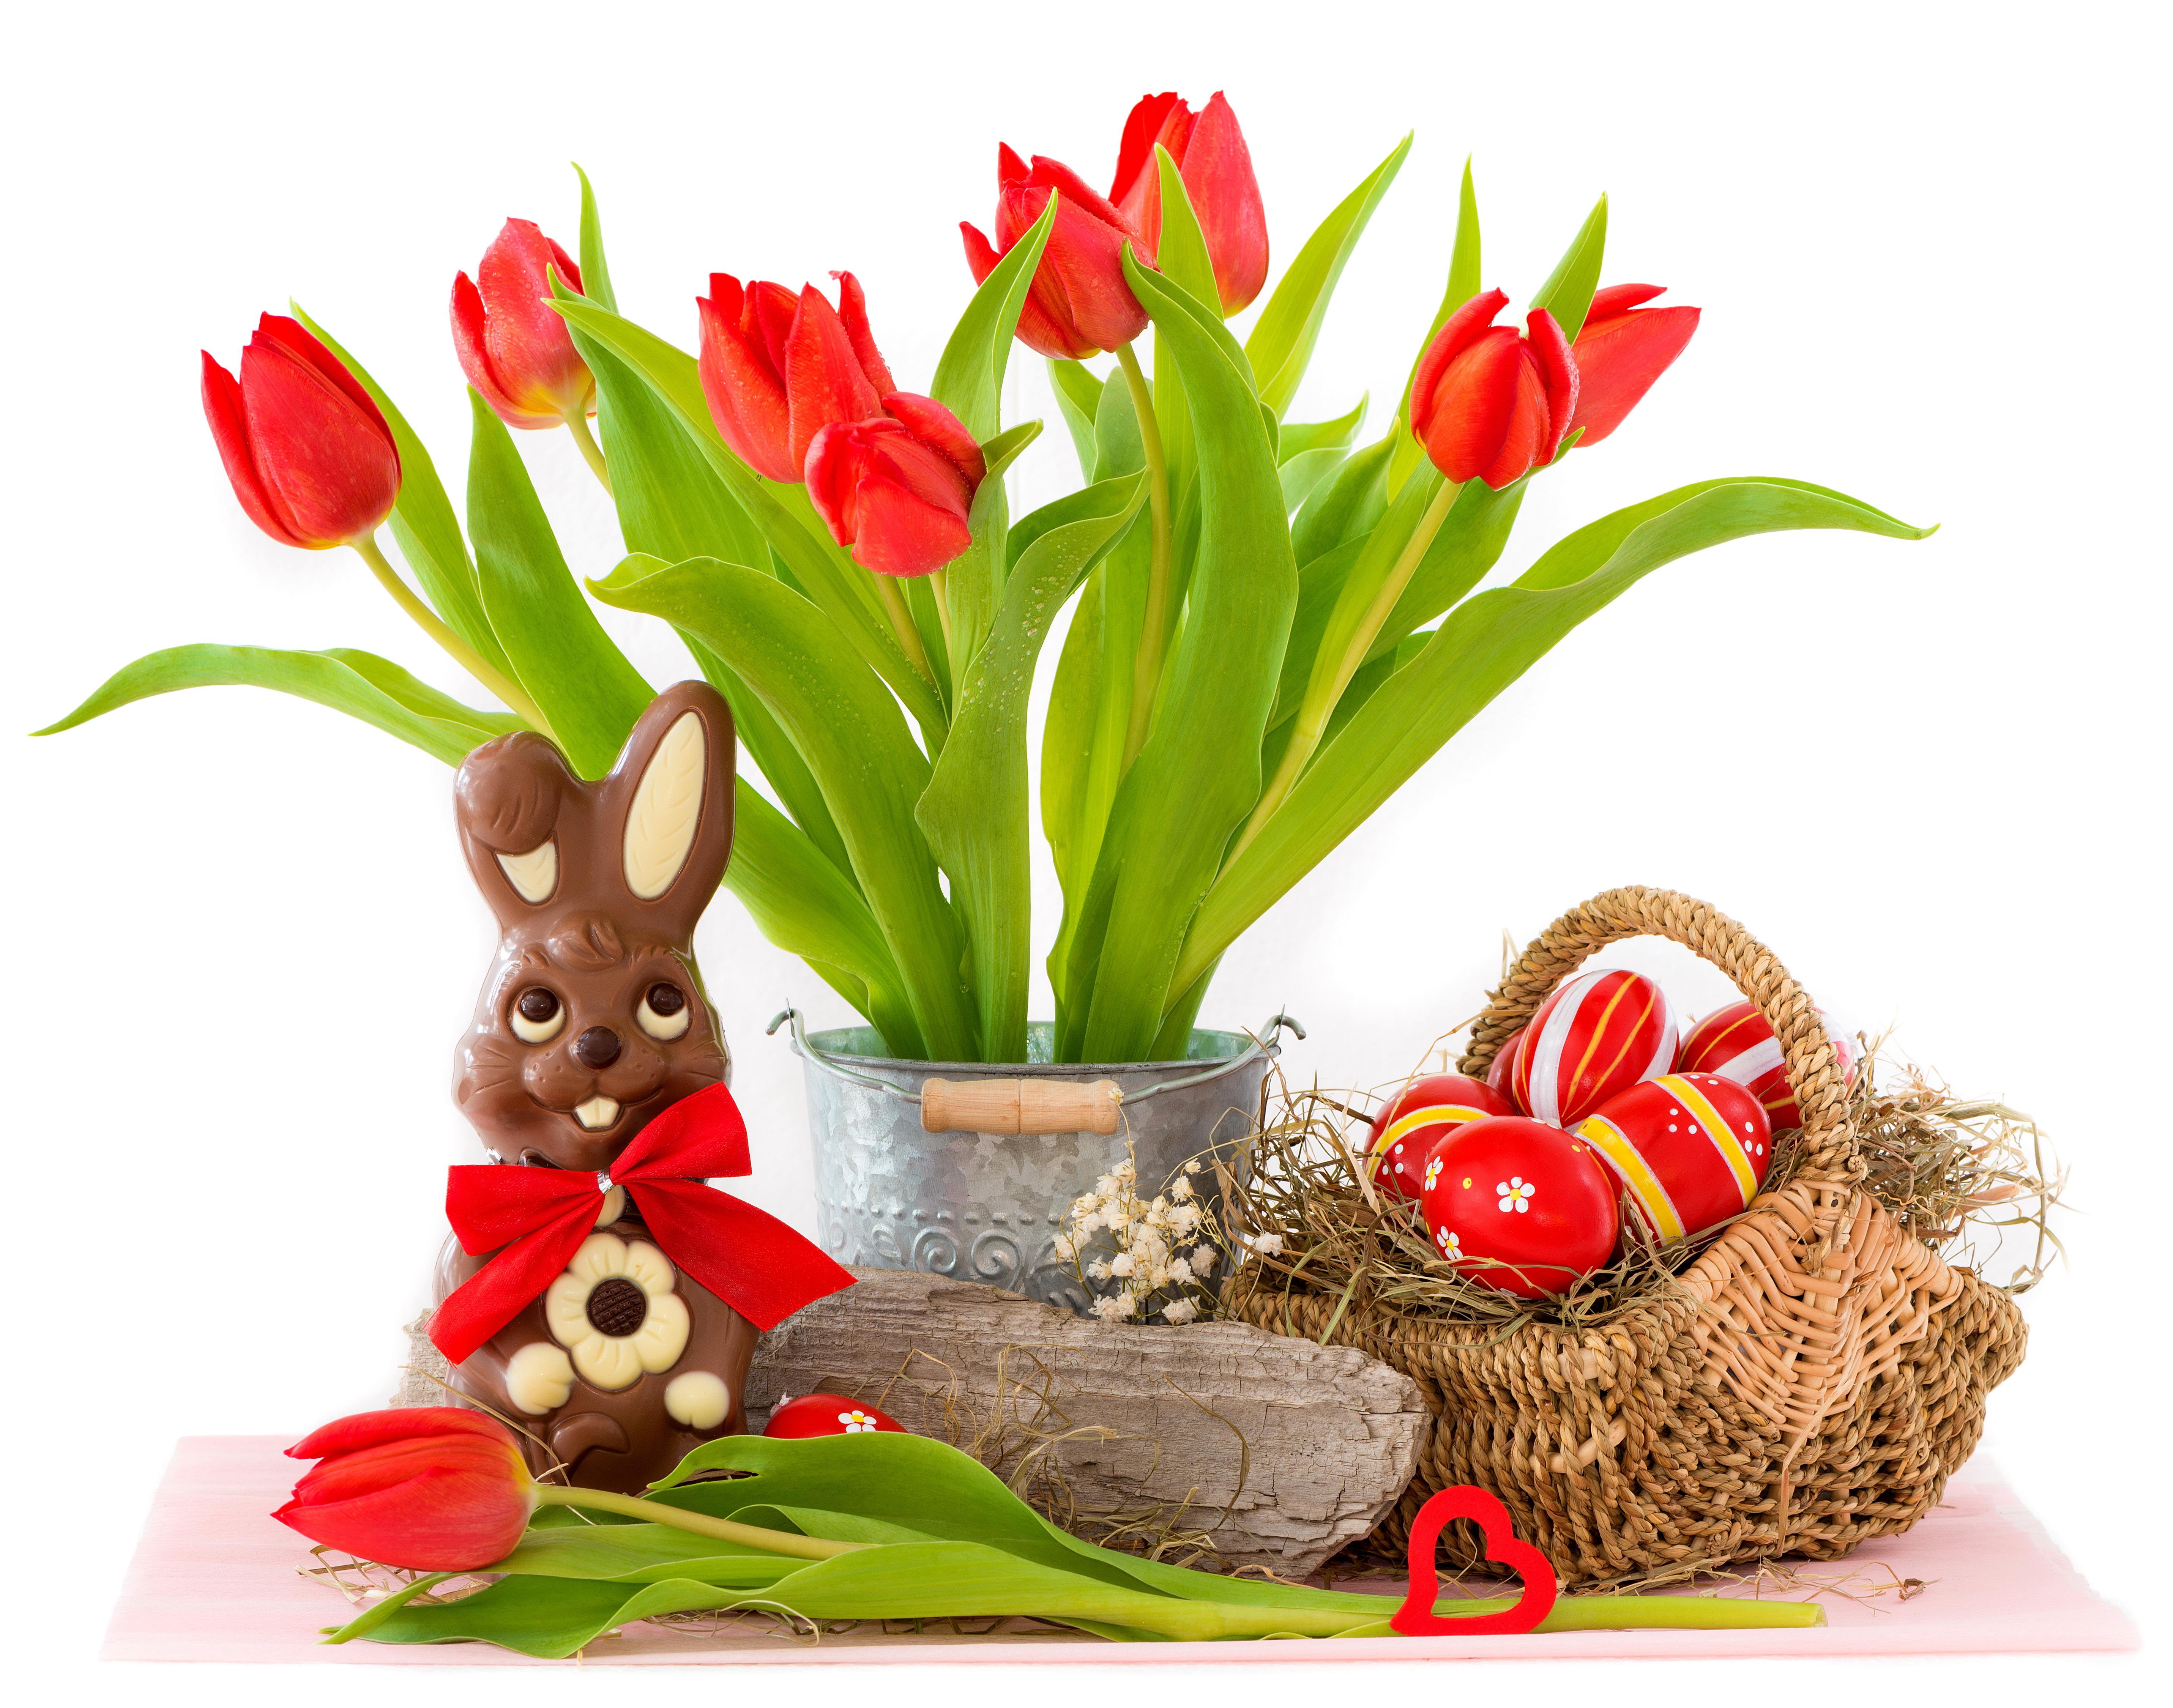 кролик с тюльпанами  № 1144631 бесплатно